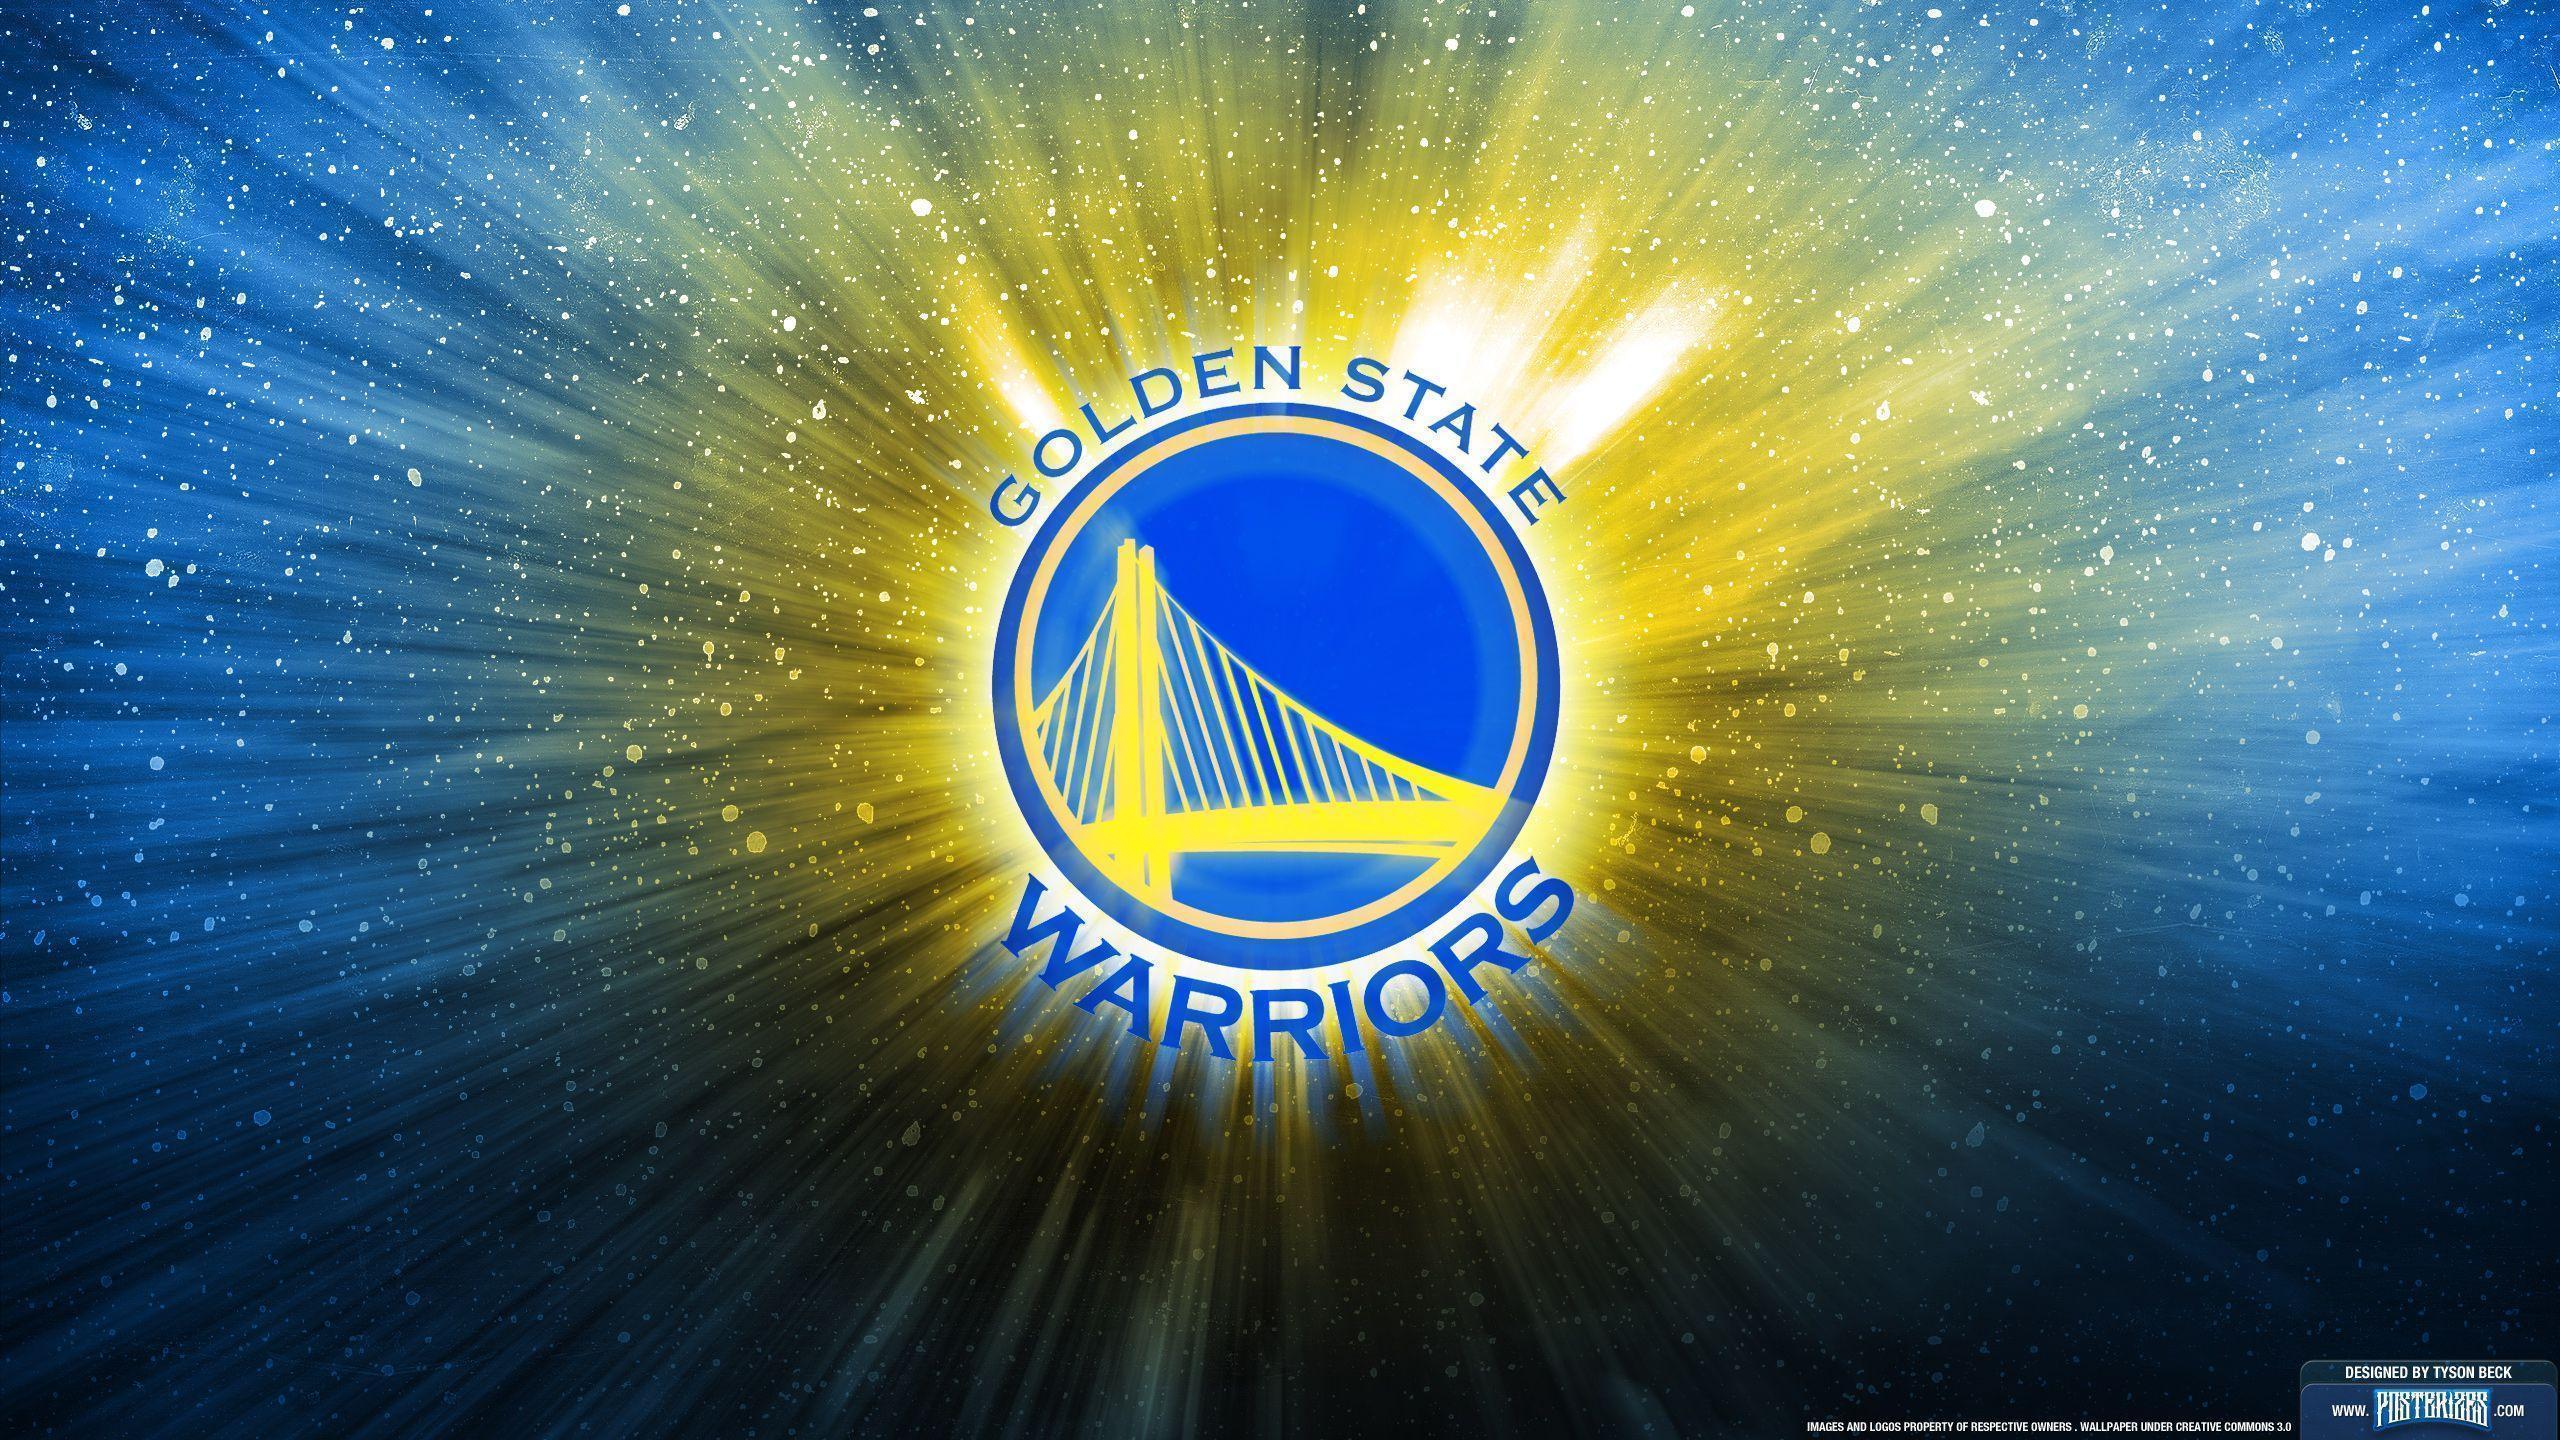 Golden State Warriors Wallpaper Hd Golden State Warriors Wallpapers Wallpaper Cave